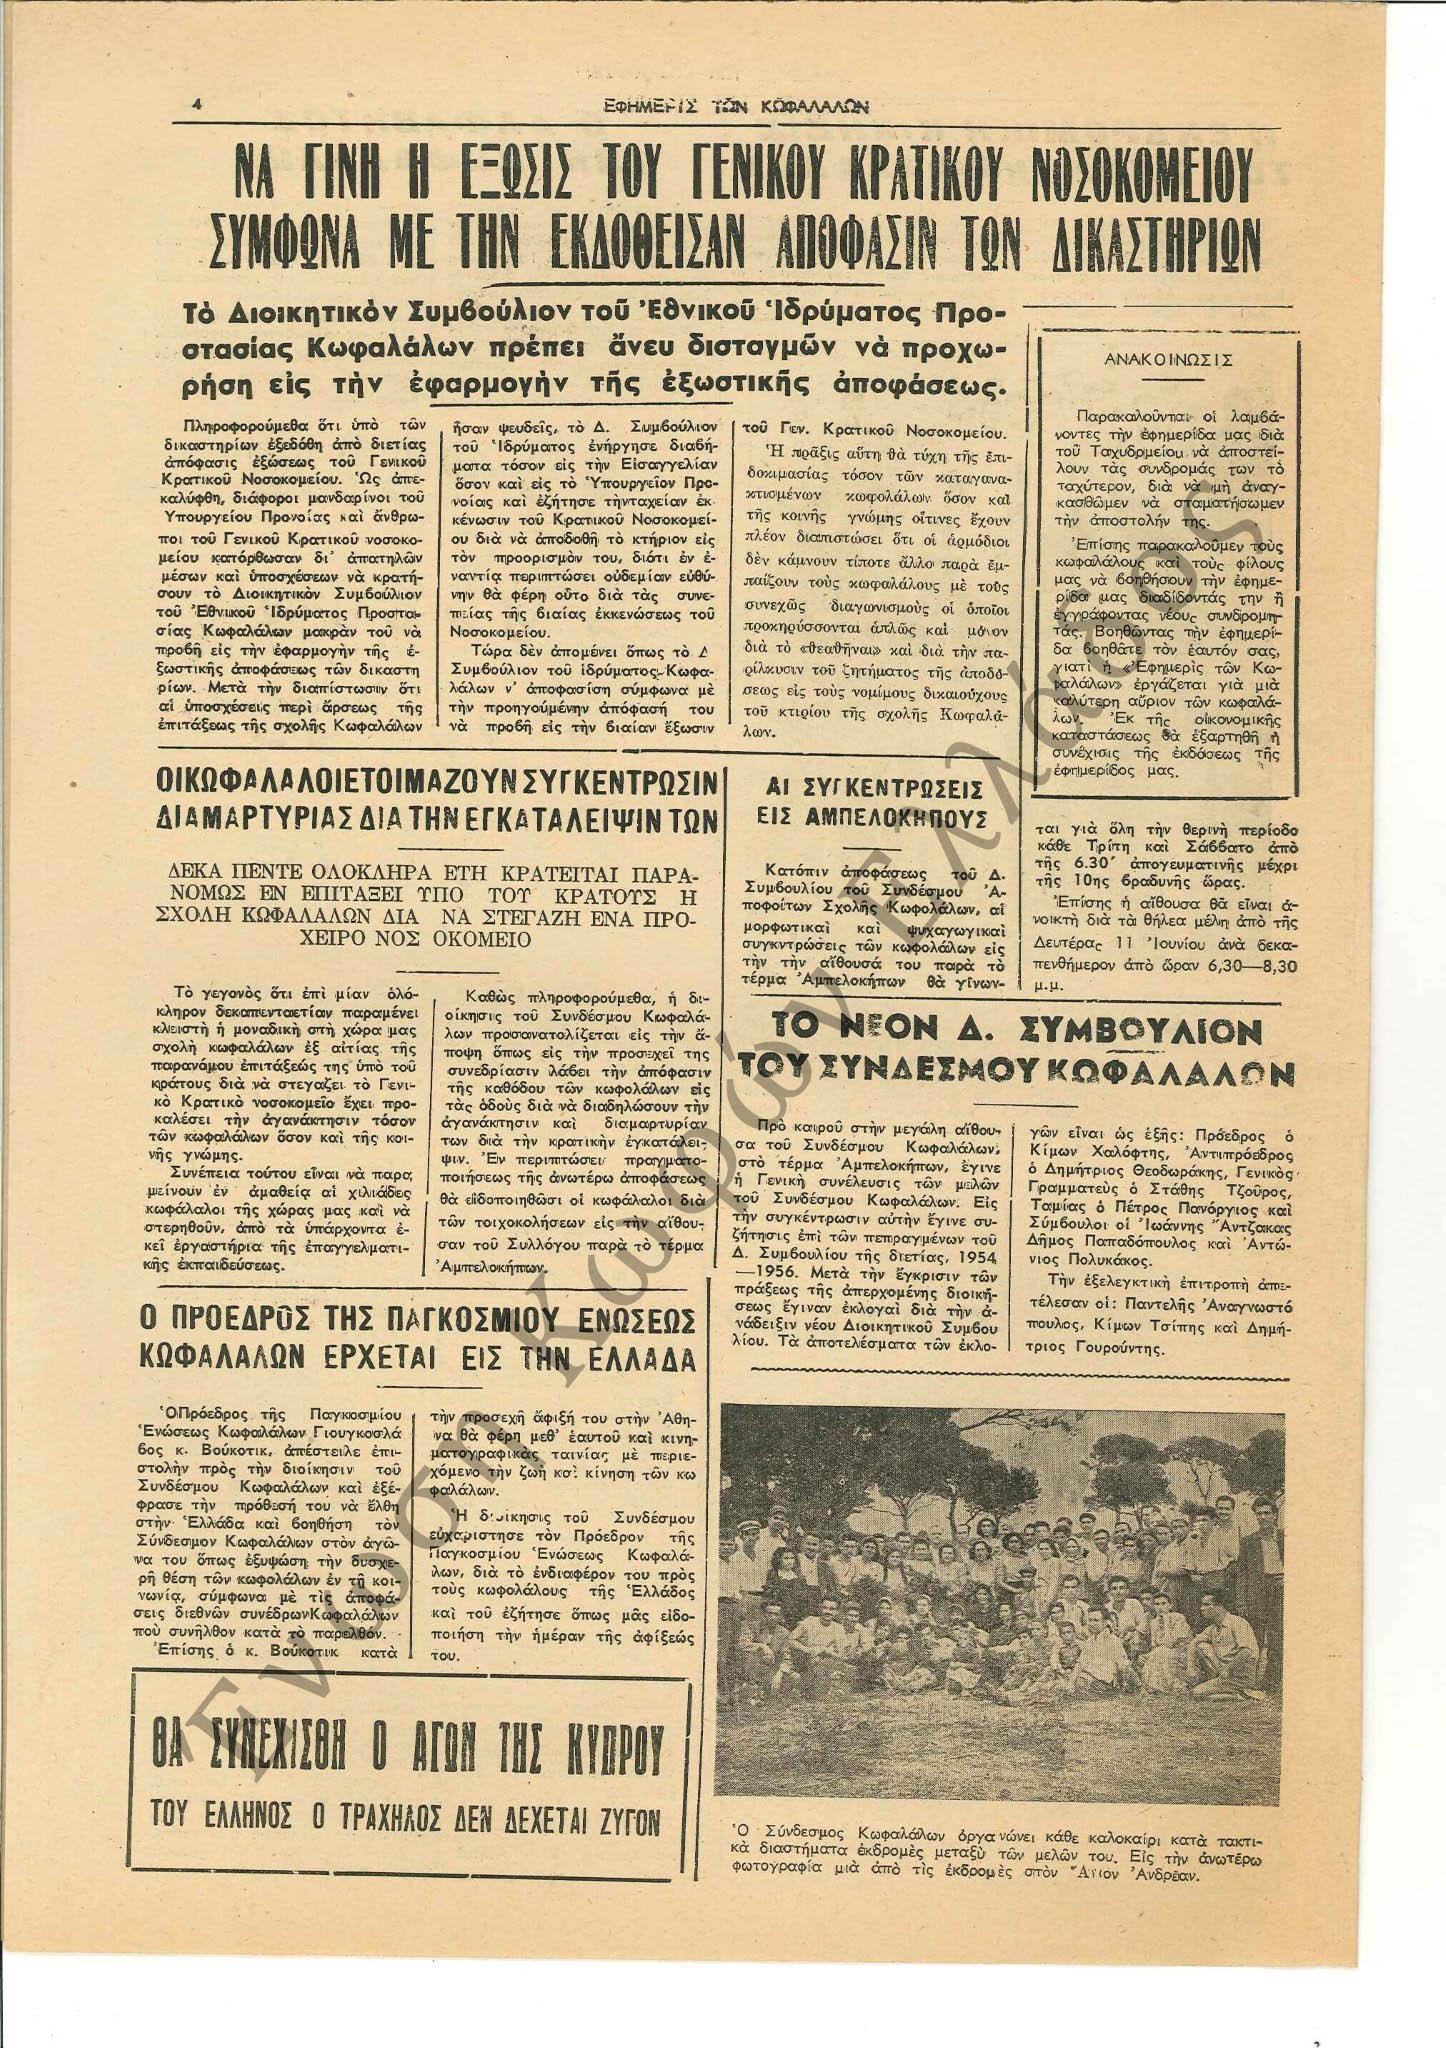 Εφημερίς των Κωφαλάλων 1956-Ιούνιος 4